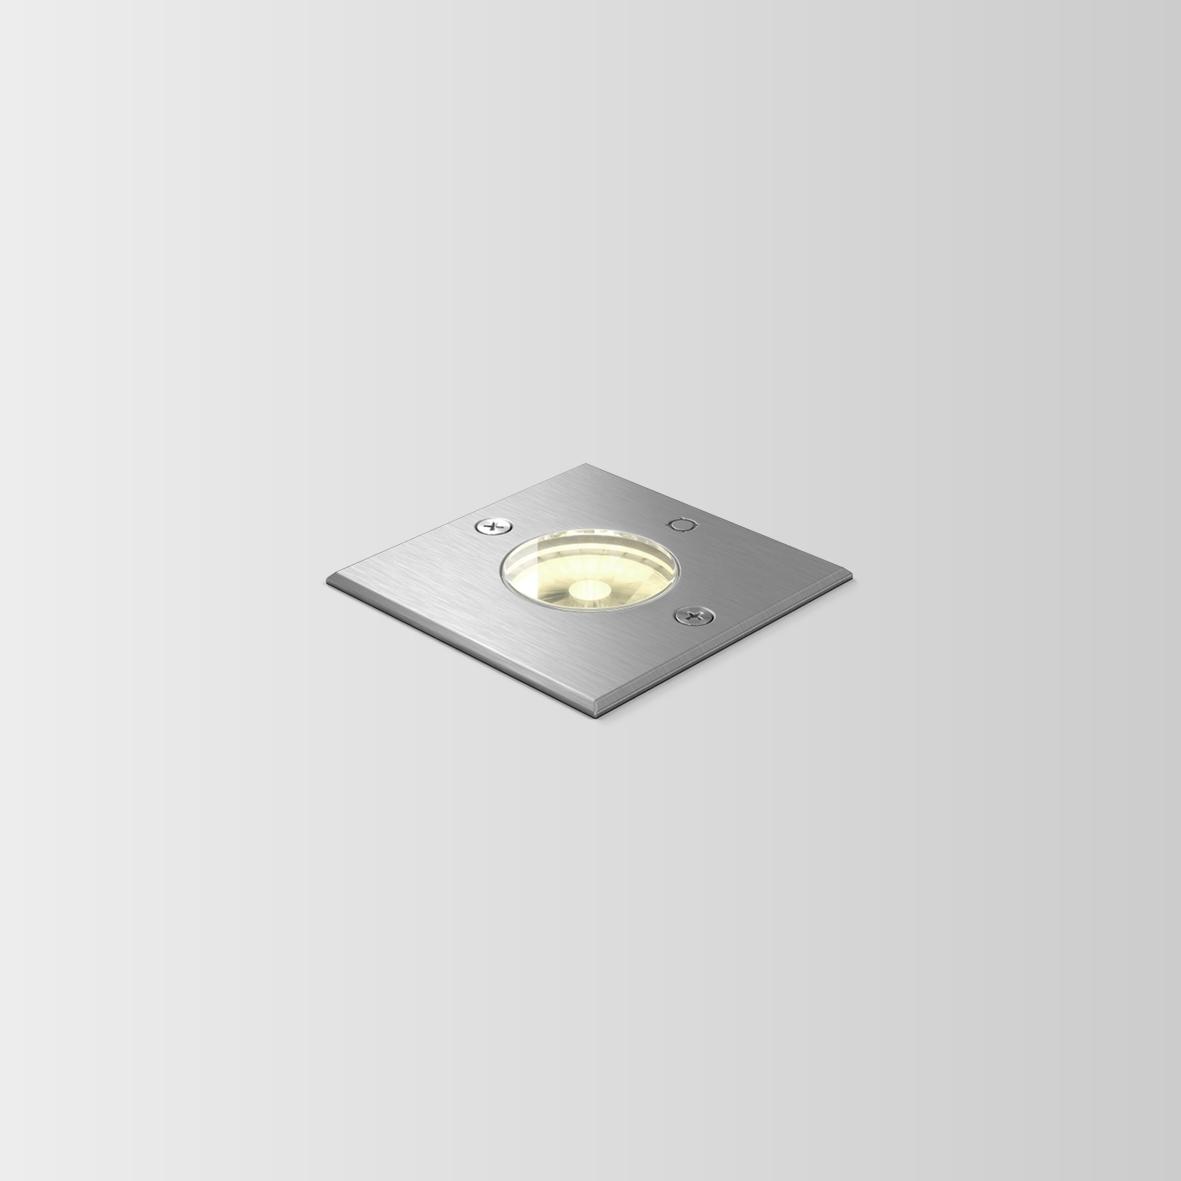 CHART 0.9 LED 3000K INOX 6W 80CRI 220-240VAC phase-cut dim., välisvalgusti süvistatud pinnasesse